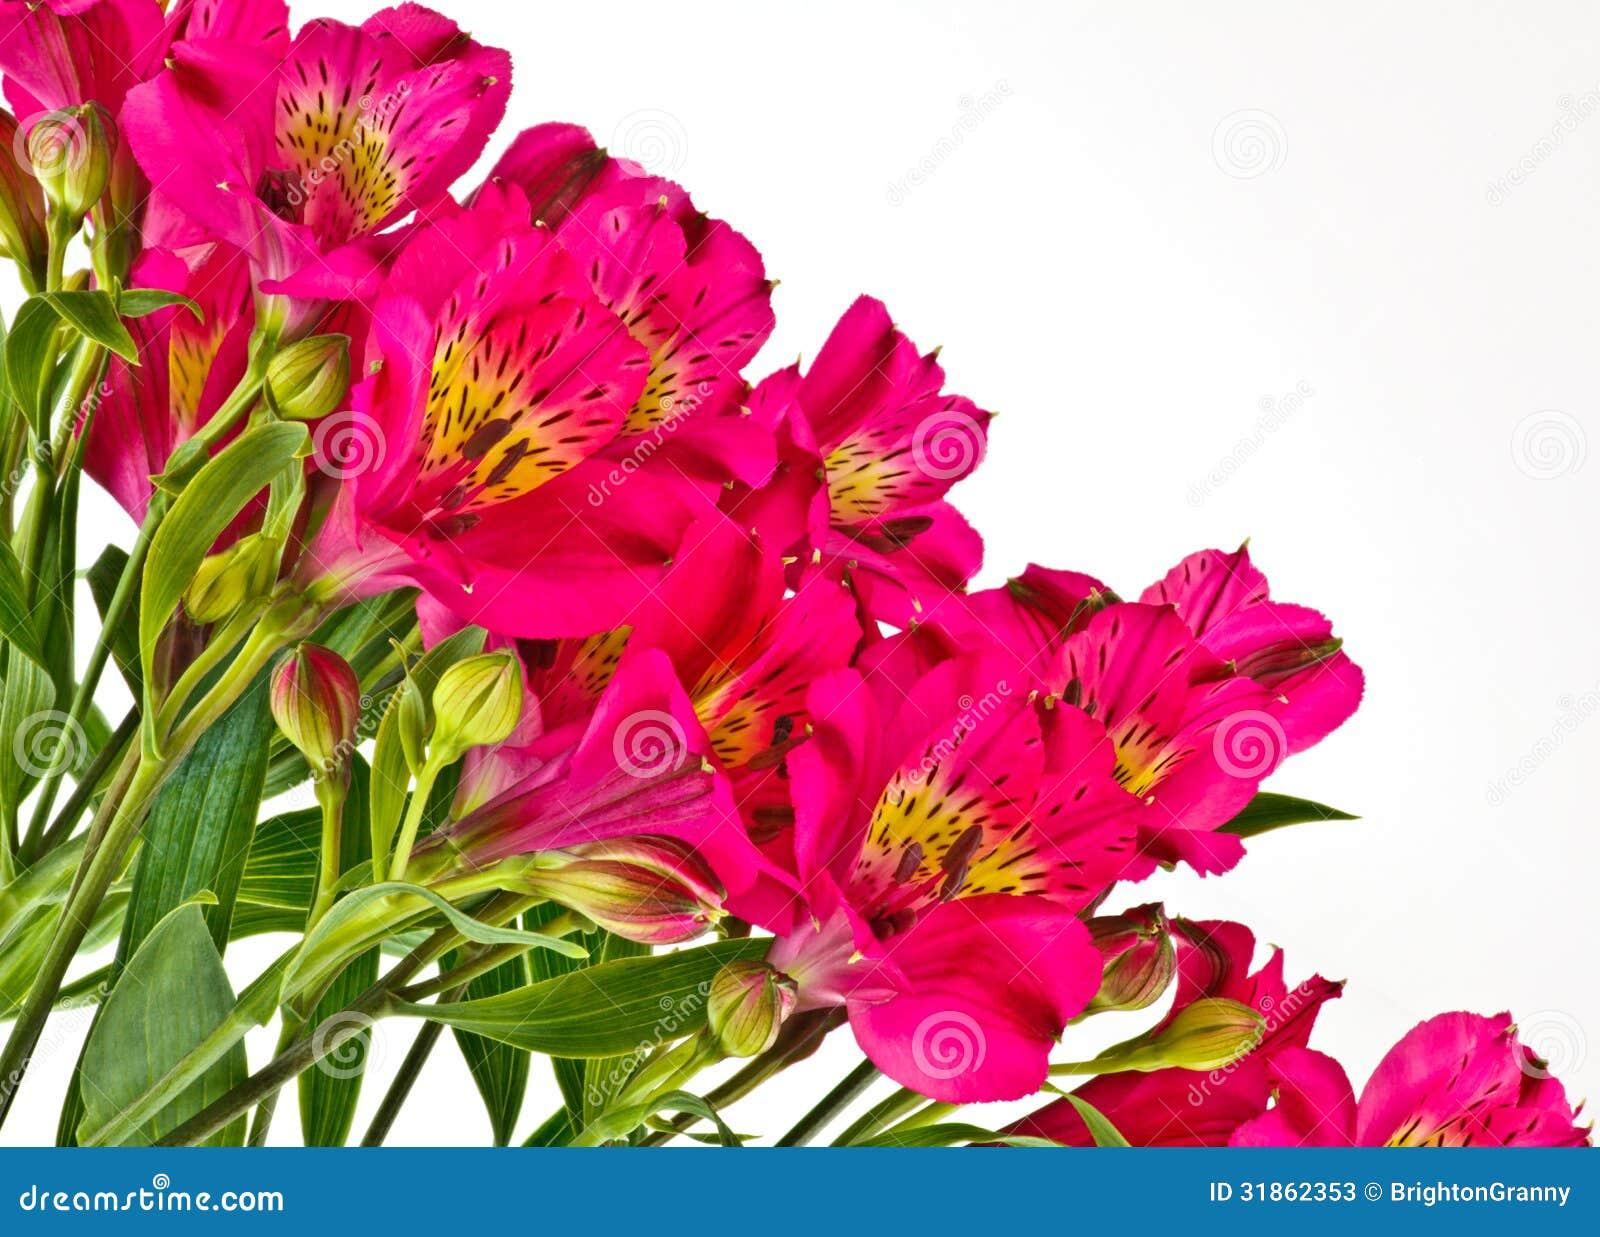 Bouquet d 39 alstroemeria rose lumineux photos stock image for Bouquet de fleurs lumineux